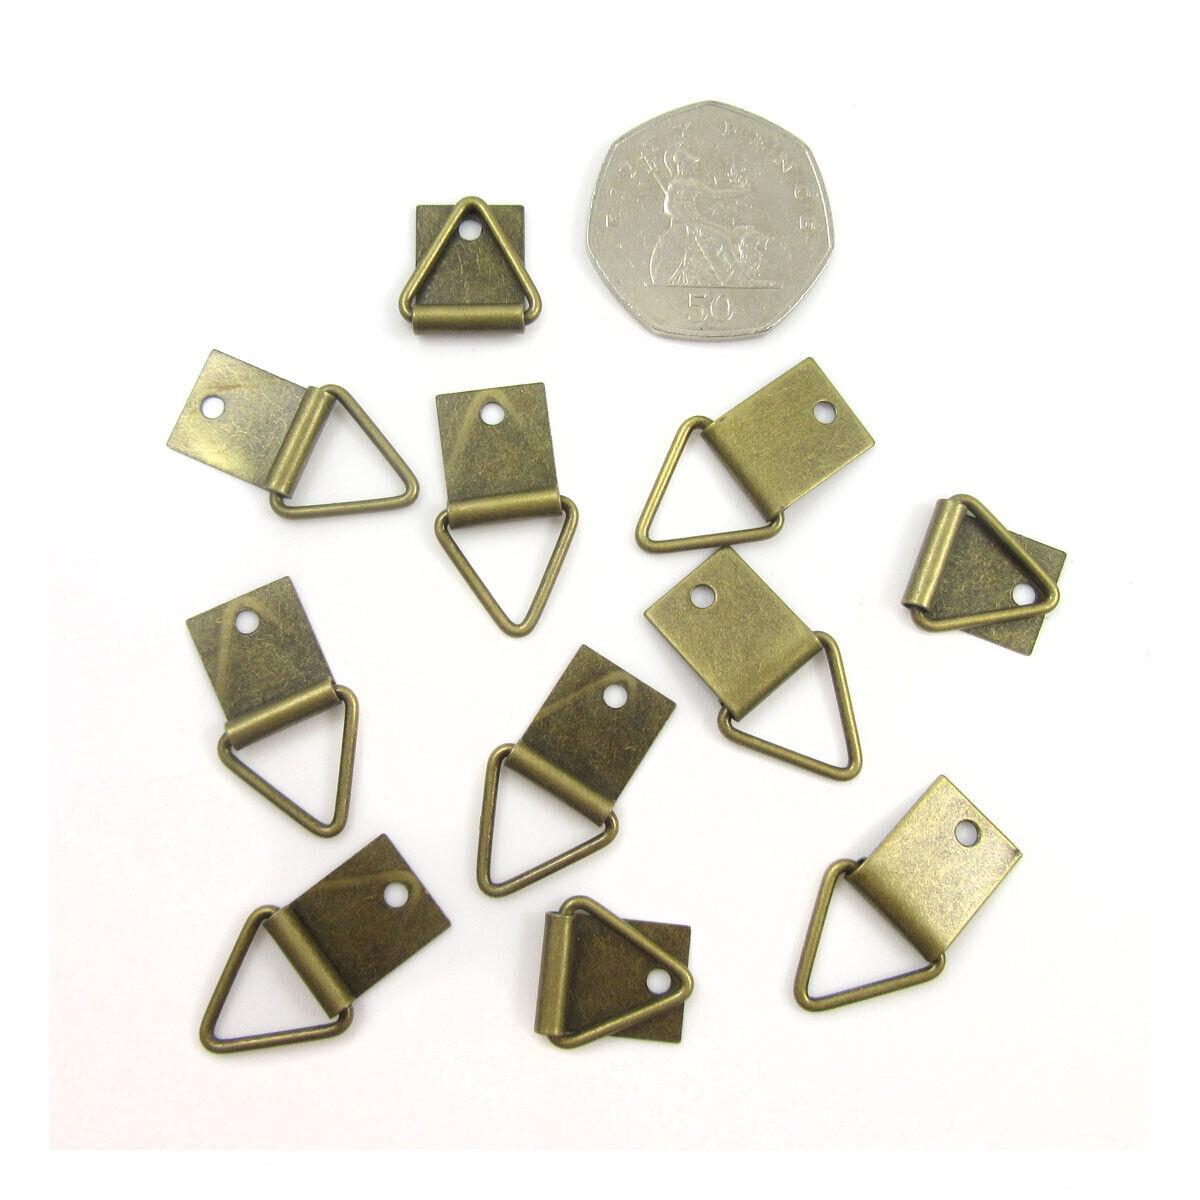 Triángulo de latón antiguo 27mm X 16mm Resistente Gancho Para Colgar Marco de Imagen Hanger H991